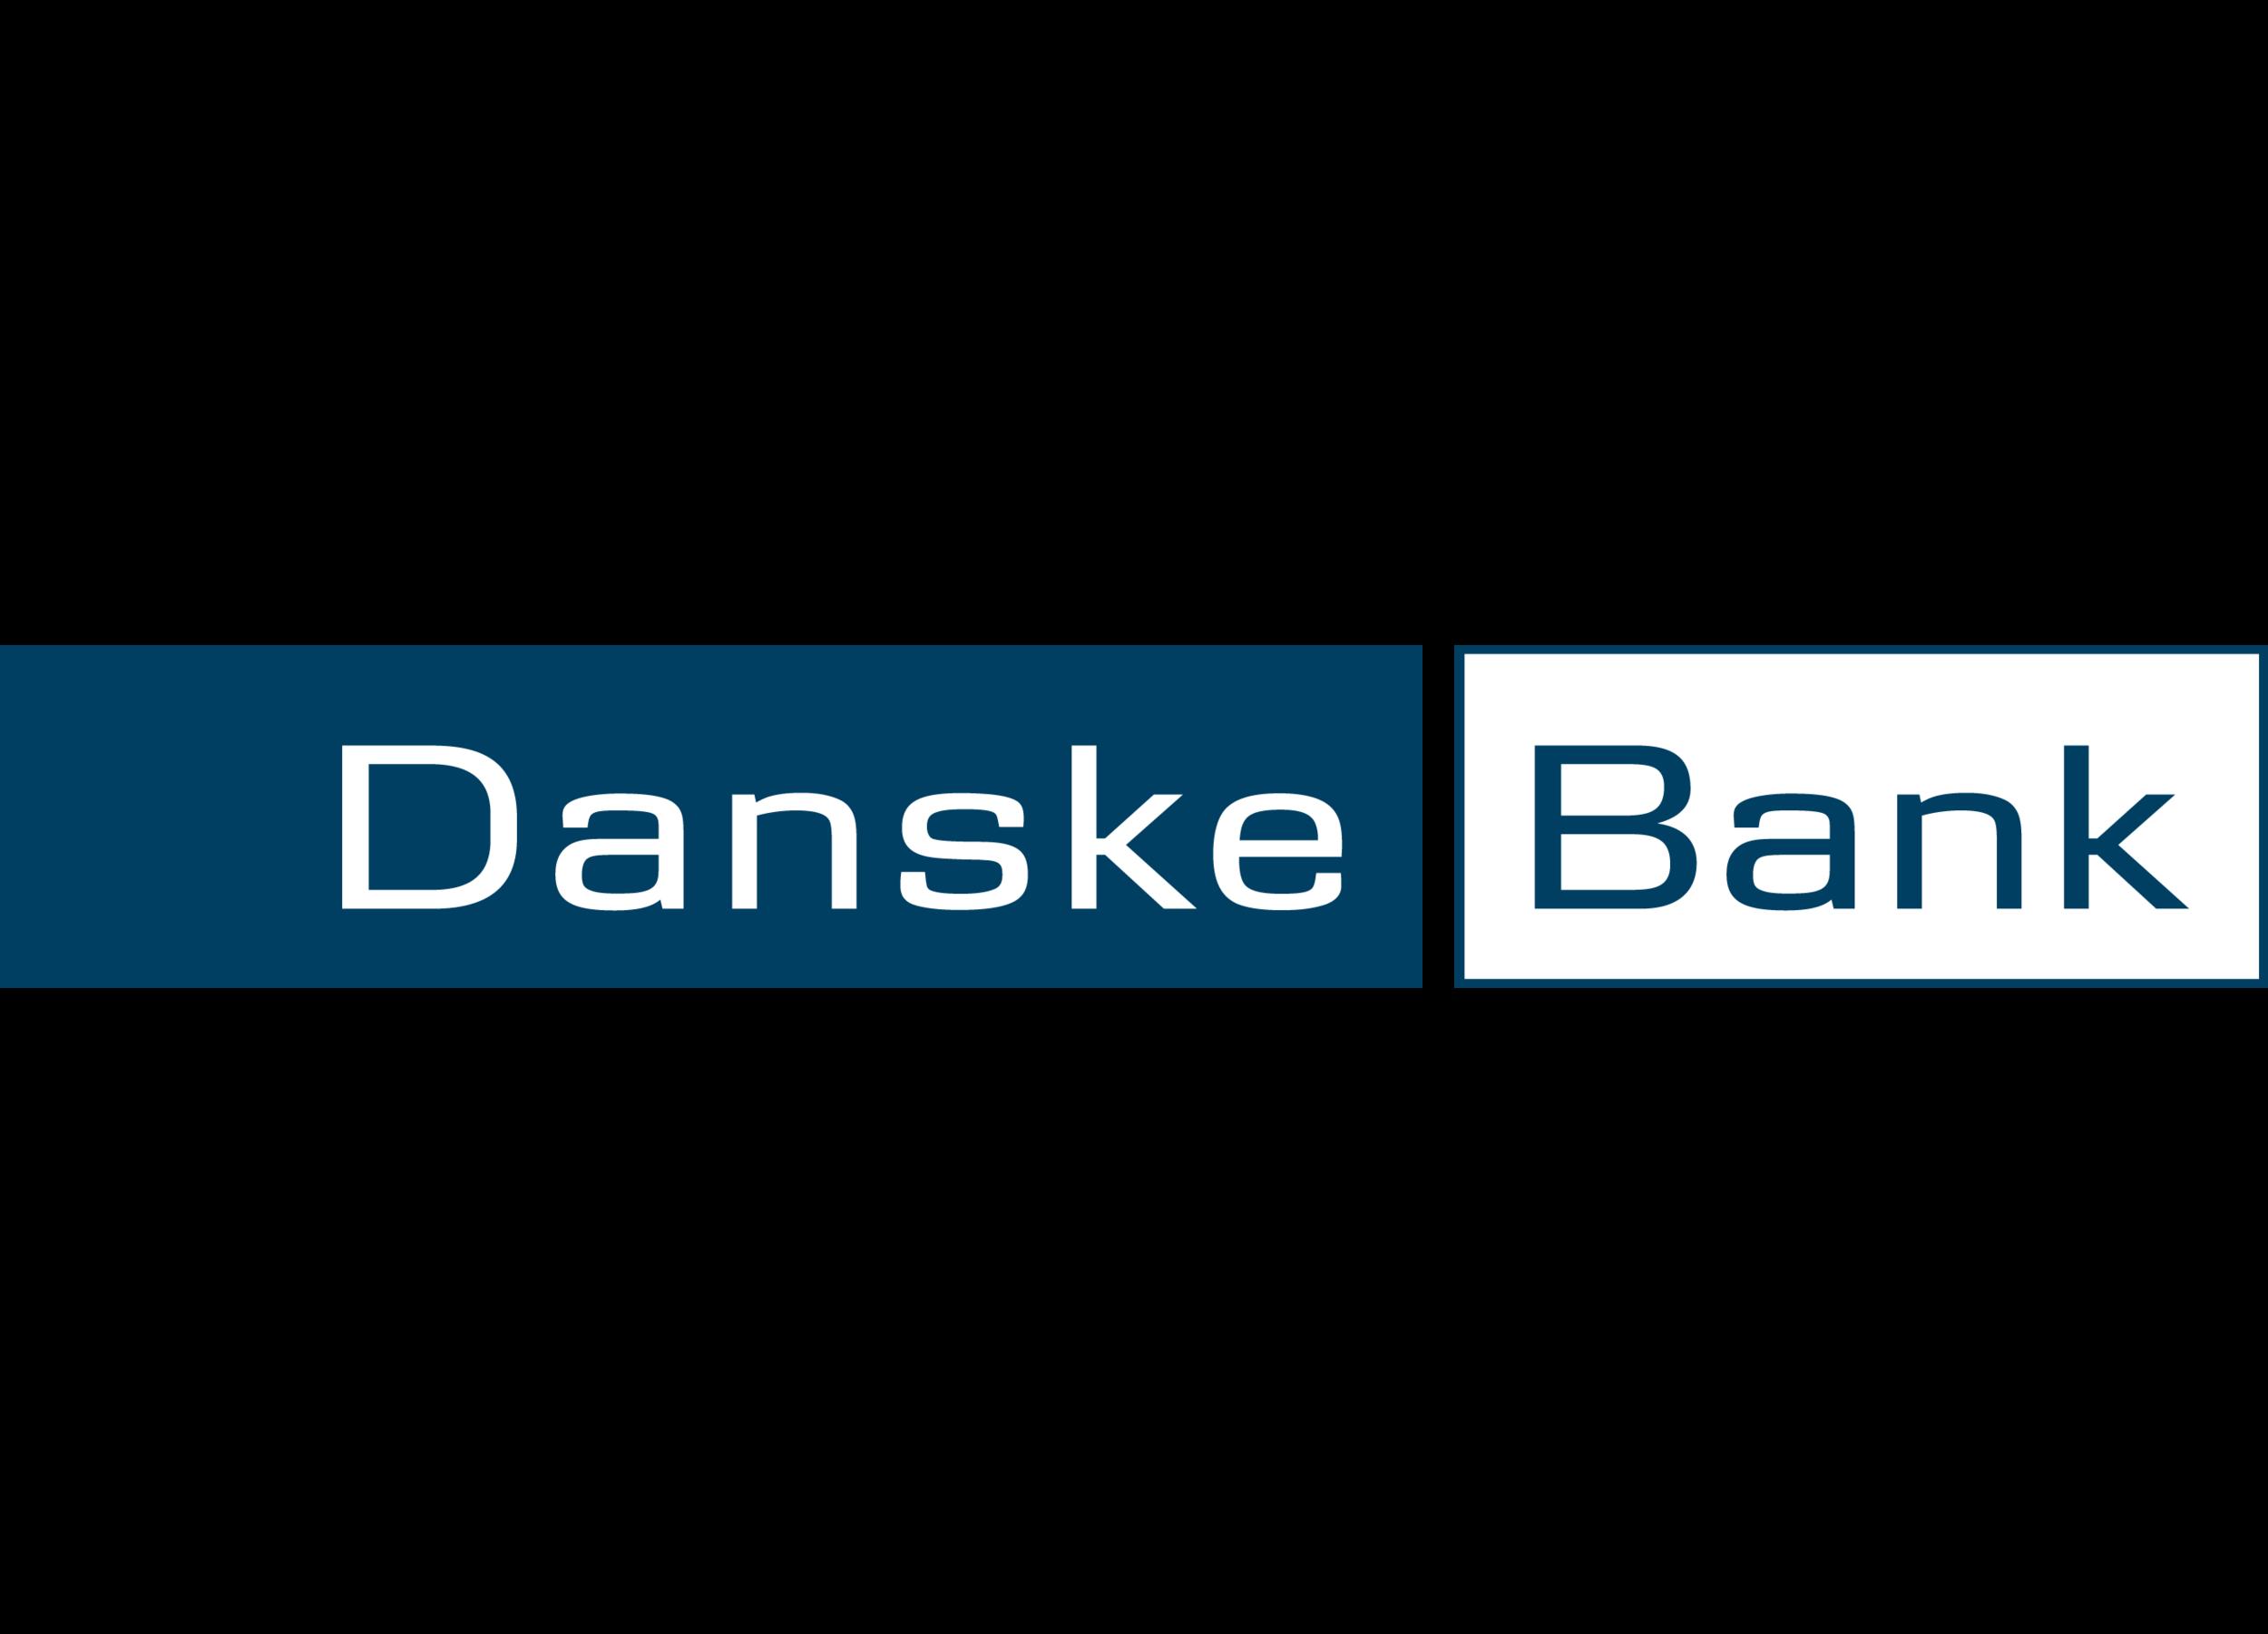 Danske-Bank-B_RGB_WB-copy.png